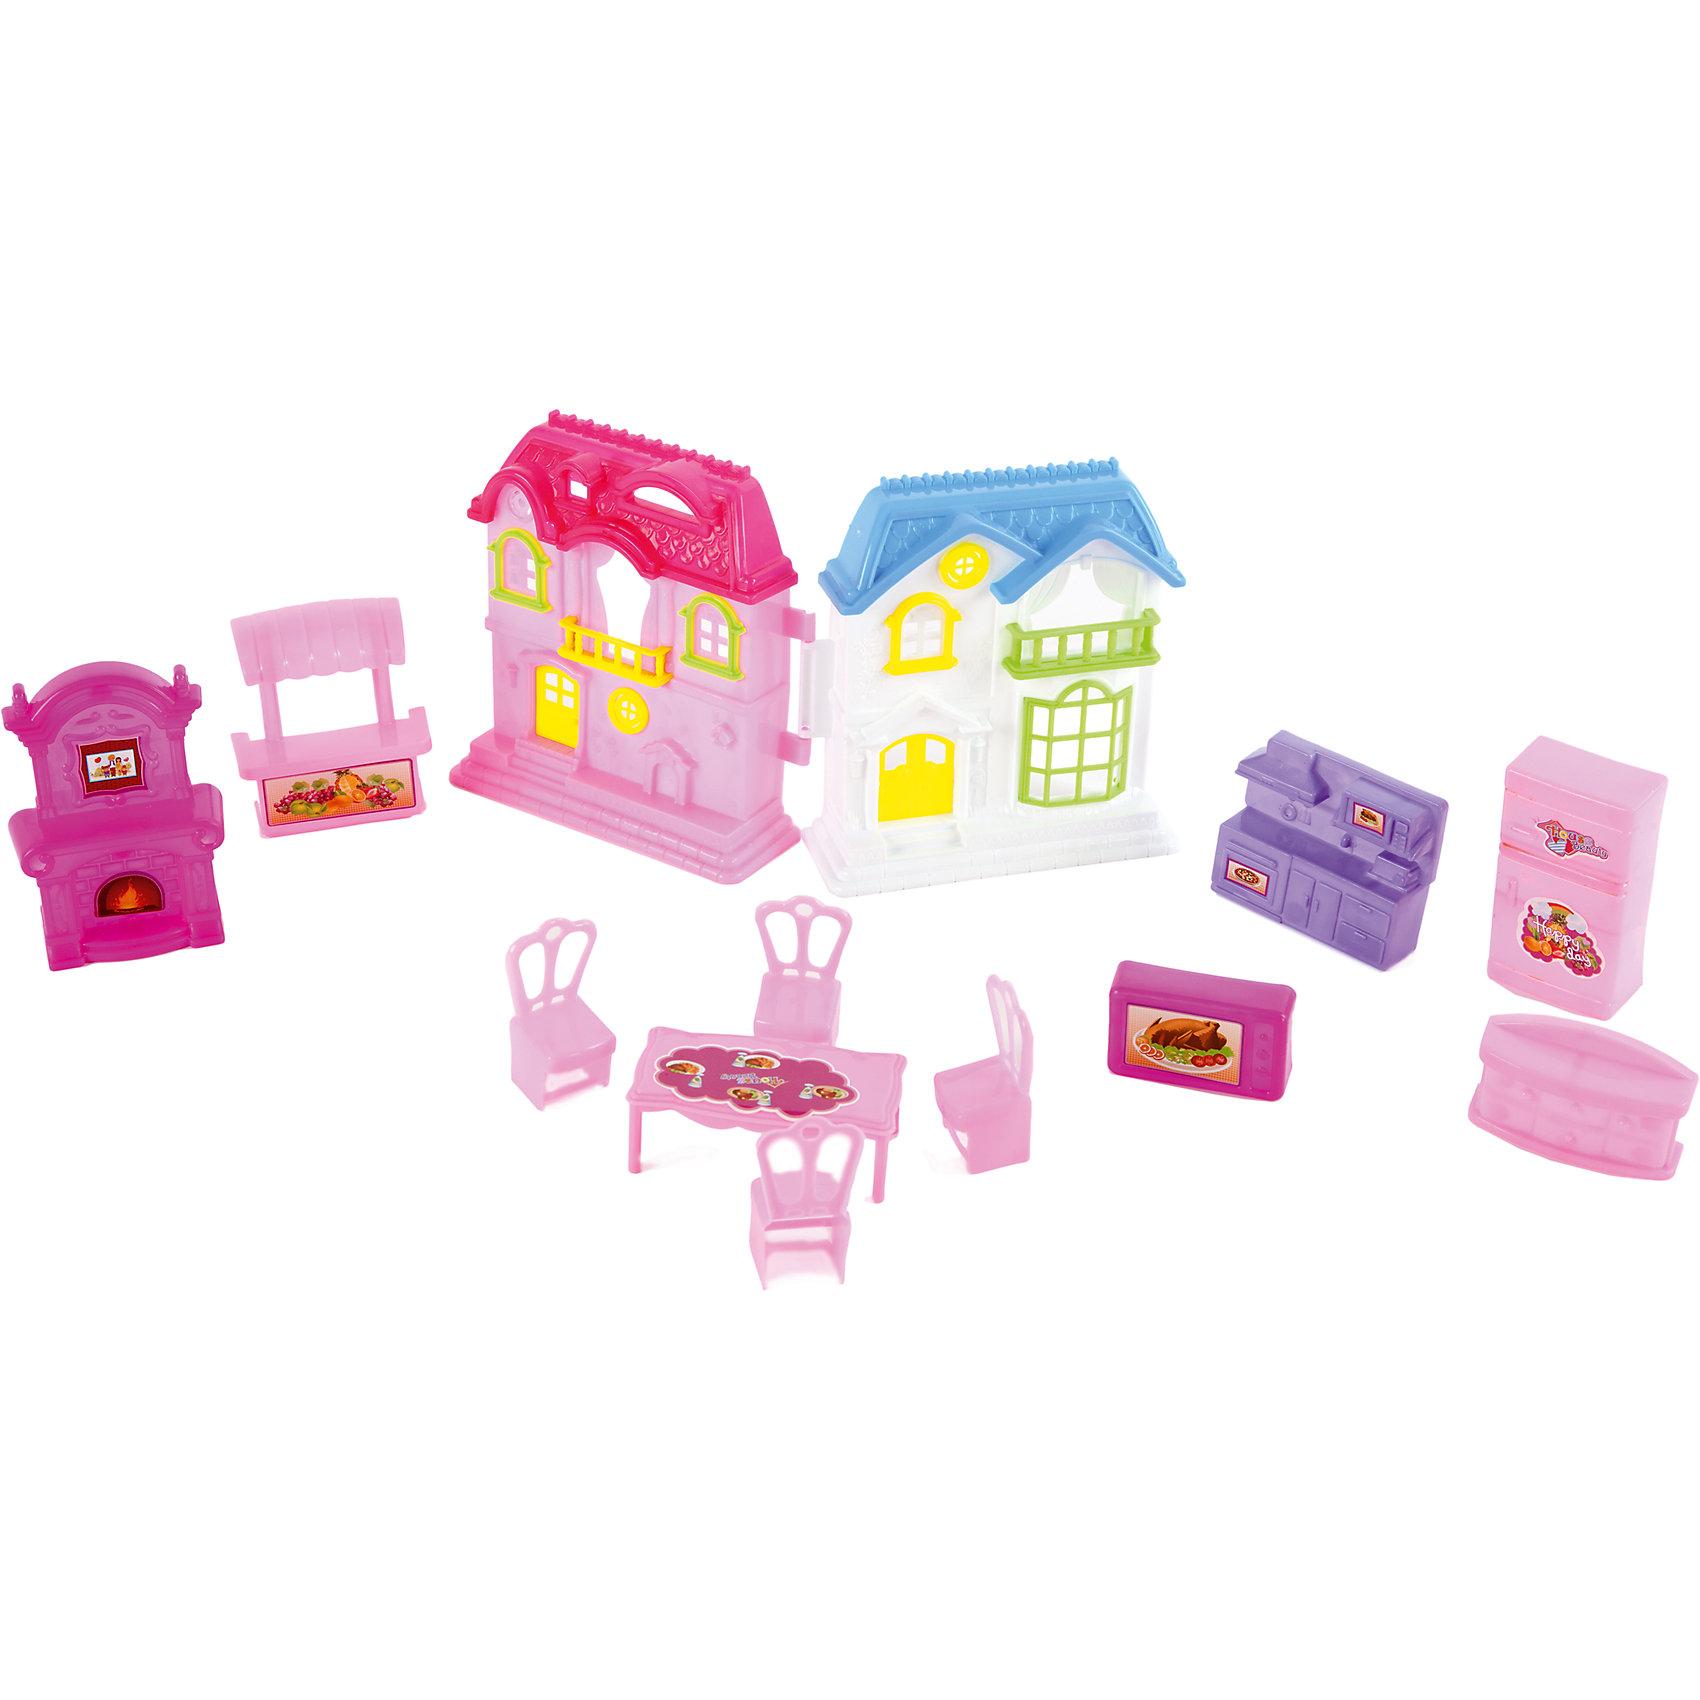 Домик с мебелью для кукол 10 см, Shantou GepaiИгрушечные домики и замки<br>Домик с мебелью для кукол 10 см, Shantou Gepai привнесет много нового в сюжетно-ролевые игры с куклами. В этом пластиковом домике имеется все необходимое для комфортного проживания: пианино, часы, комод, установка с телевизором, два кресла и диван, холодильник. Главная дверь домика открывается приглашая своих жильцов домой. Играя с куклами дети познают человека, как с физиологической, так и с стороны общения между людьми, развивается моторика рук, внимание, воображение, такие игры положительно влияют на психологическое развитие. Такой домик станет отличным подарком для детей.<br><br>Дополнительная информация:<br><br>- В комплект входит: домик – две детали, пианино, часы, комод, установка с телевизором, два кресла и диван, холодильник <br>- Материал: пластик<br>- Размер с упаковкой: 42 * 25,5 * 5,5 см.<br>- Вес 0,44 кг.<br><br>Домик с мебелью для кукол 10 см, Shantou Gepai можно купить в нашем интернет-магазине.<br><br>Подробнее:<br>• Для детей в возрасте: от 3 до 10 лет<br>• Номер товара: 4925495<br>Страна производитель: Китай<br><br>Ширина мм: 420<br>Глубина мм: 50<br>Высота мм: 260<br>Вес г: 91<br>Возраст от месяцев: 36<br>Возраст до месяцев: 120<br>Пол: Женский<br>Возраст: Детский<br>SKU: 4925495